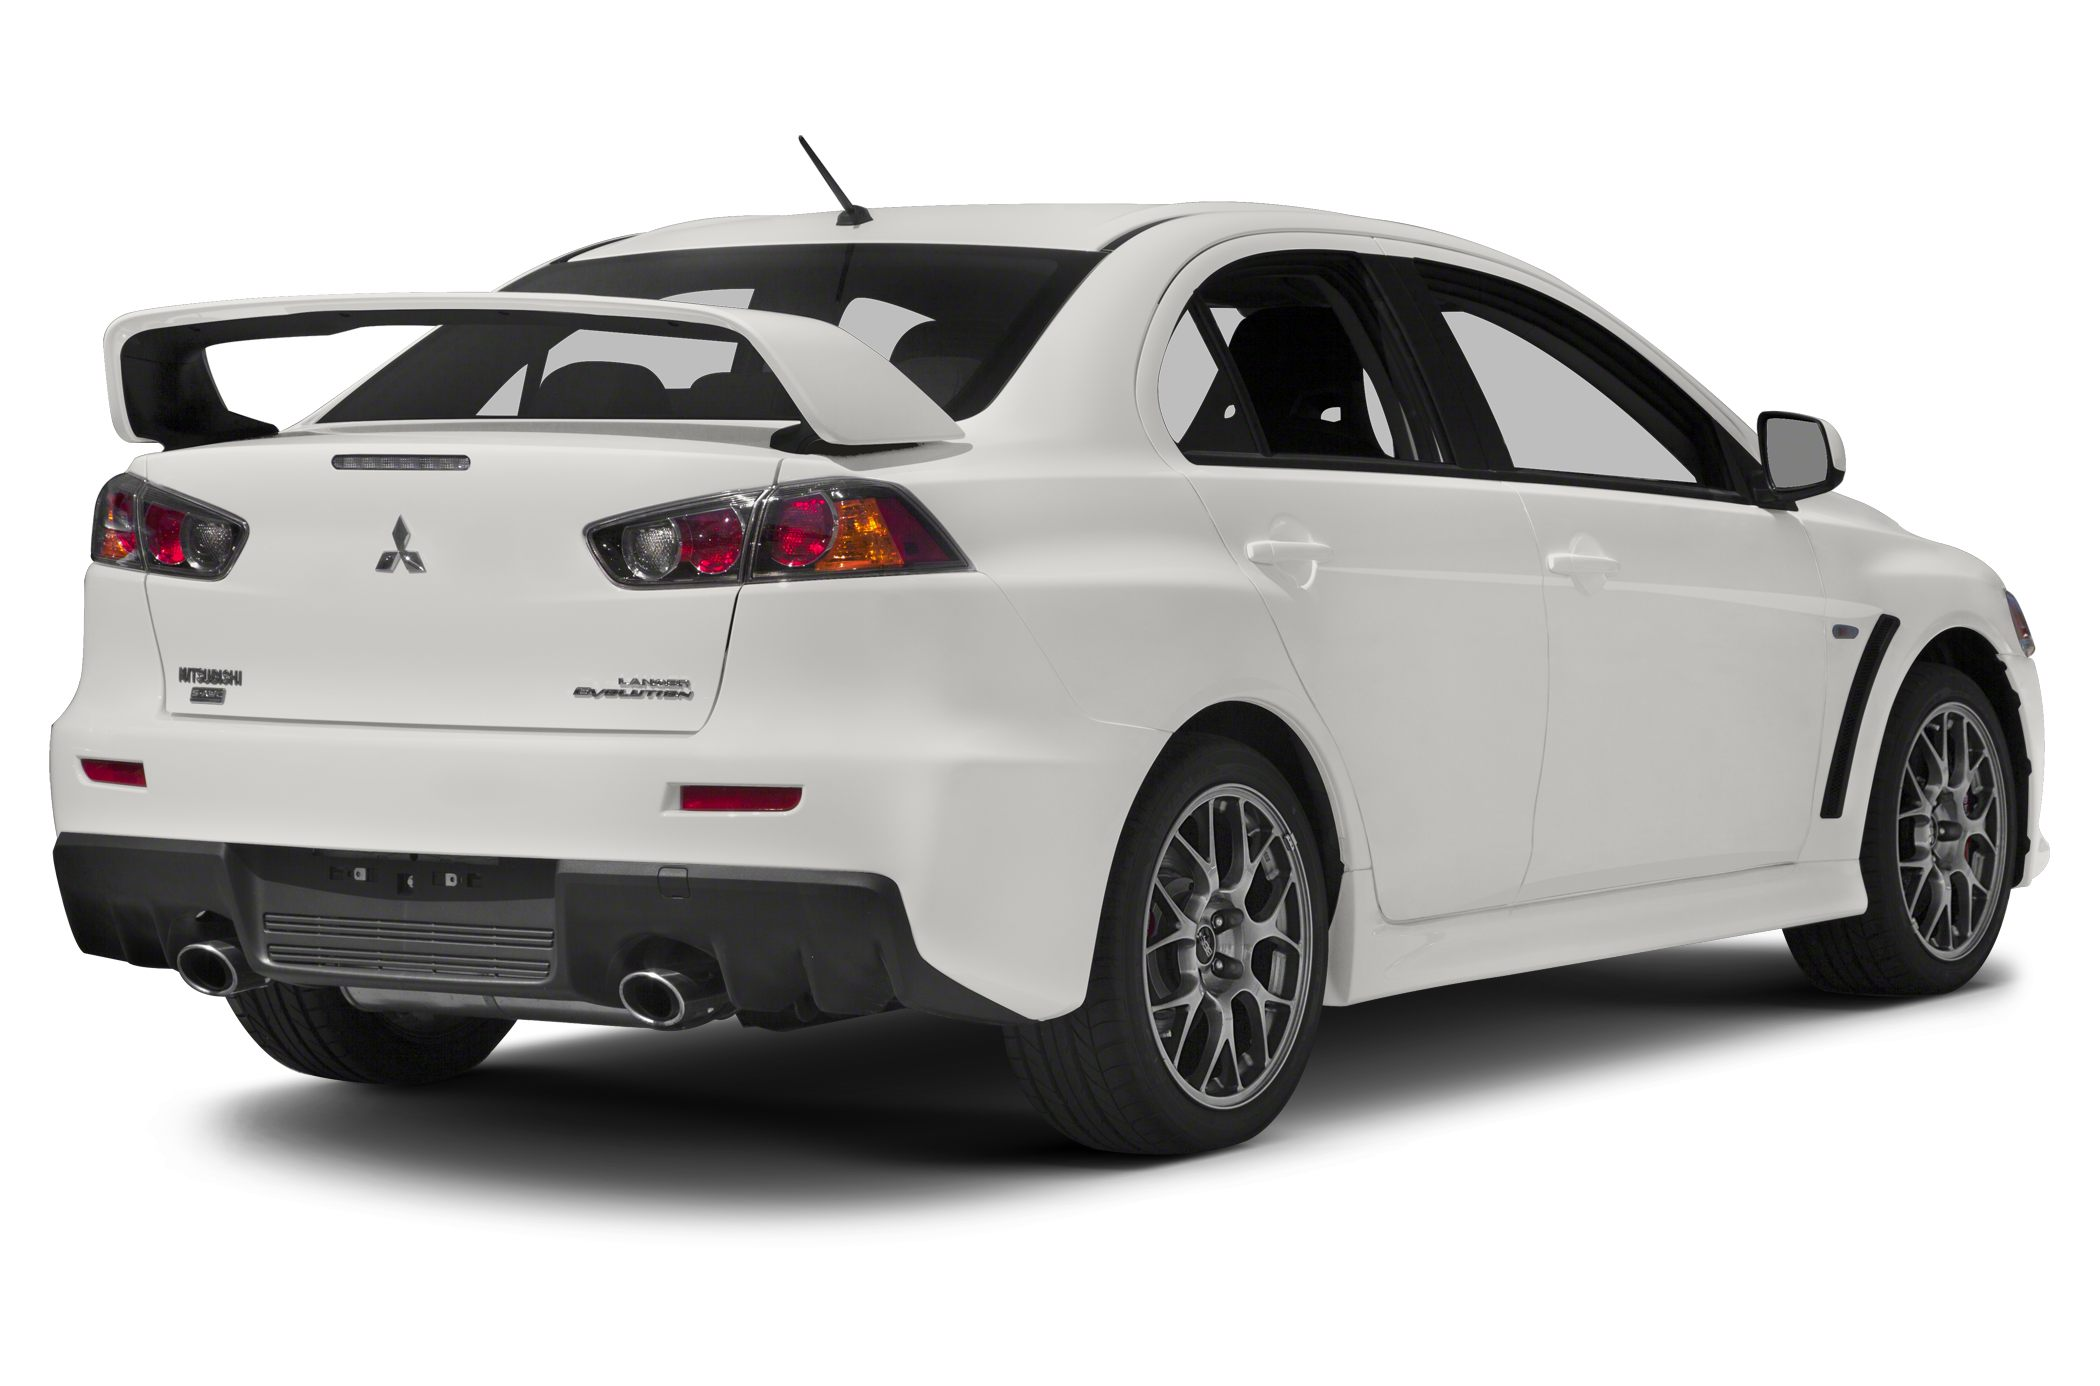 2014 Mitsubishi Lancer Evolution Glam2